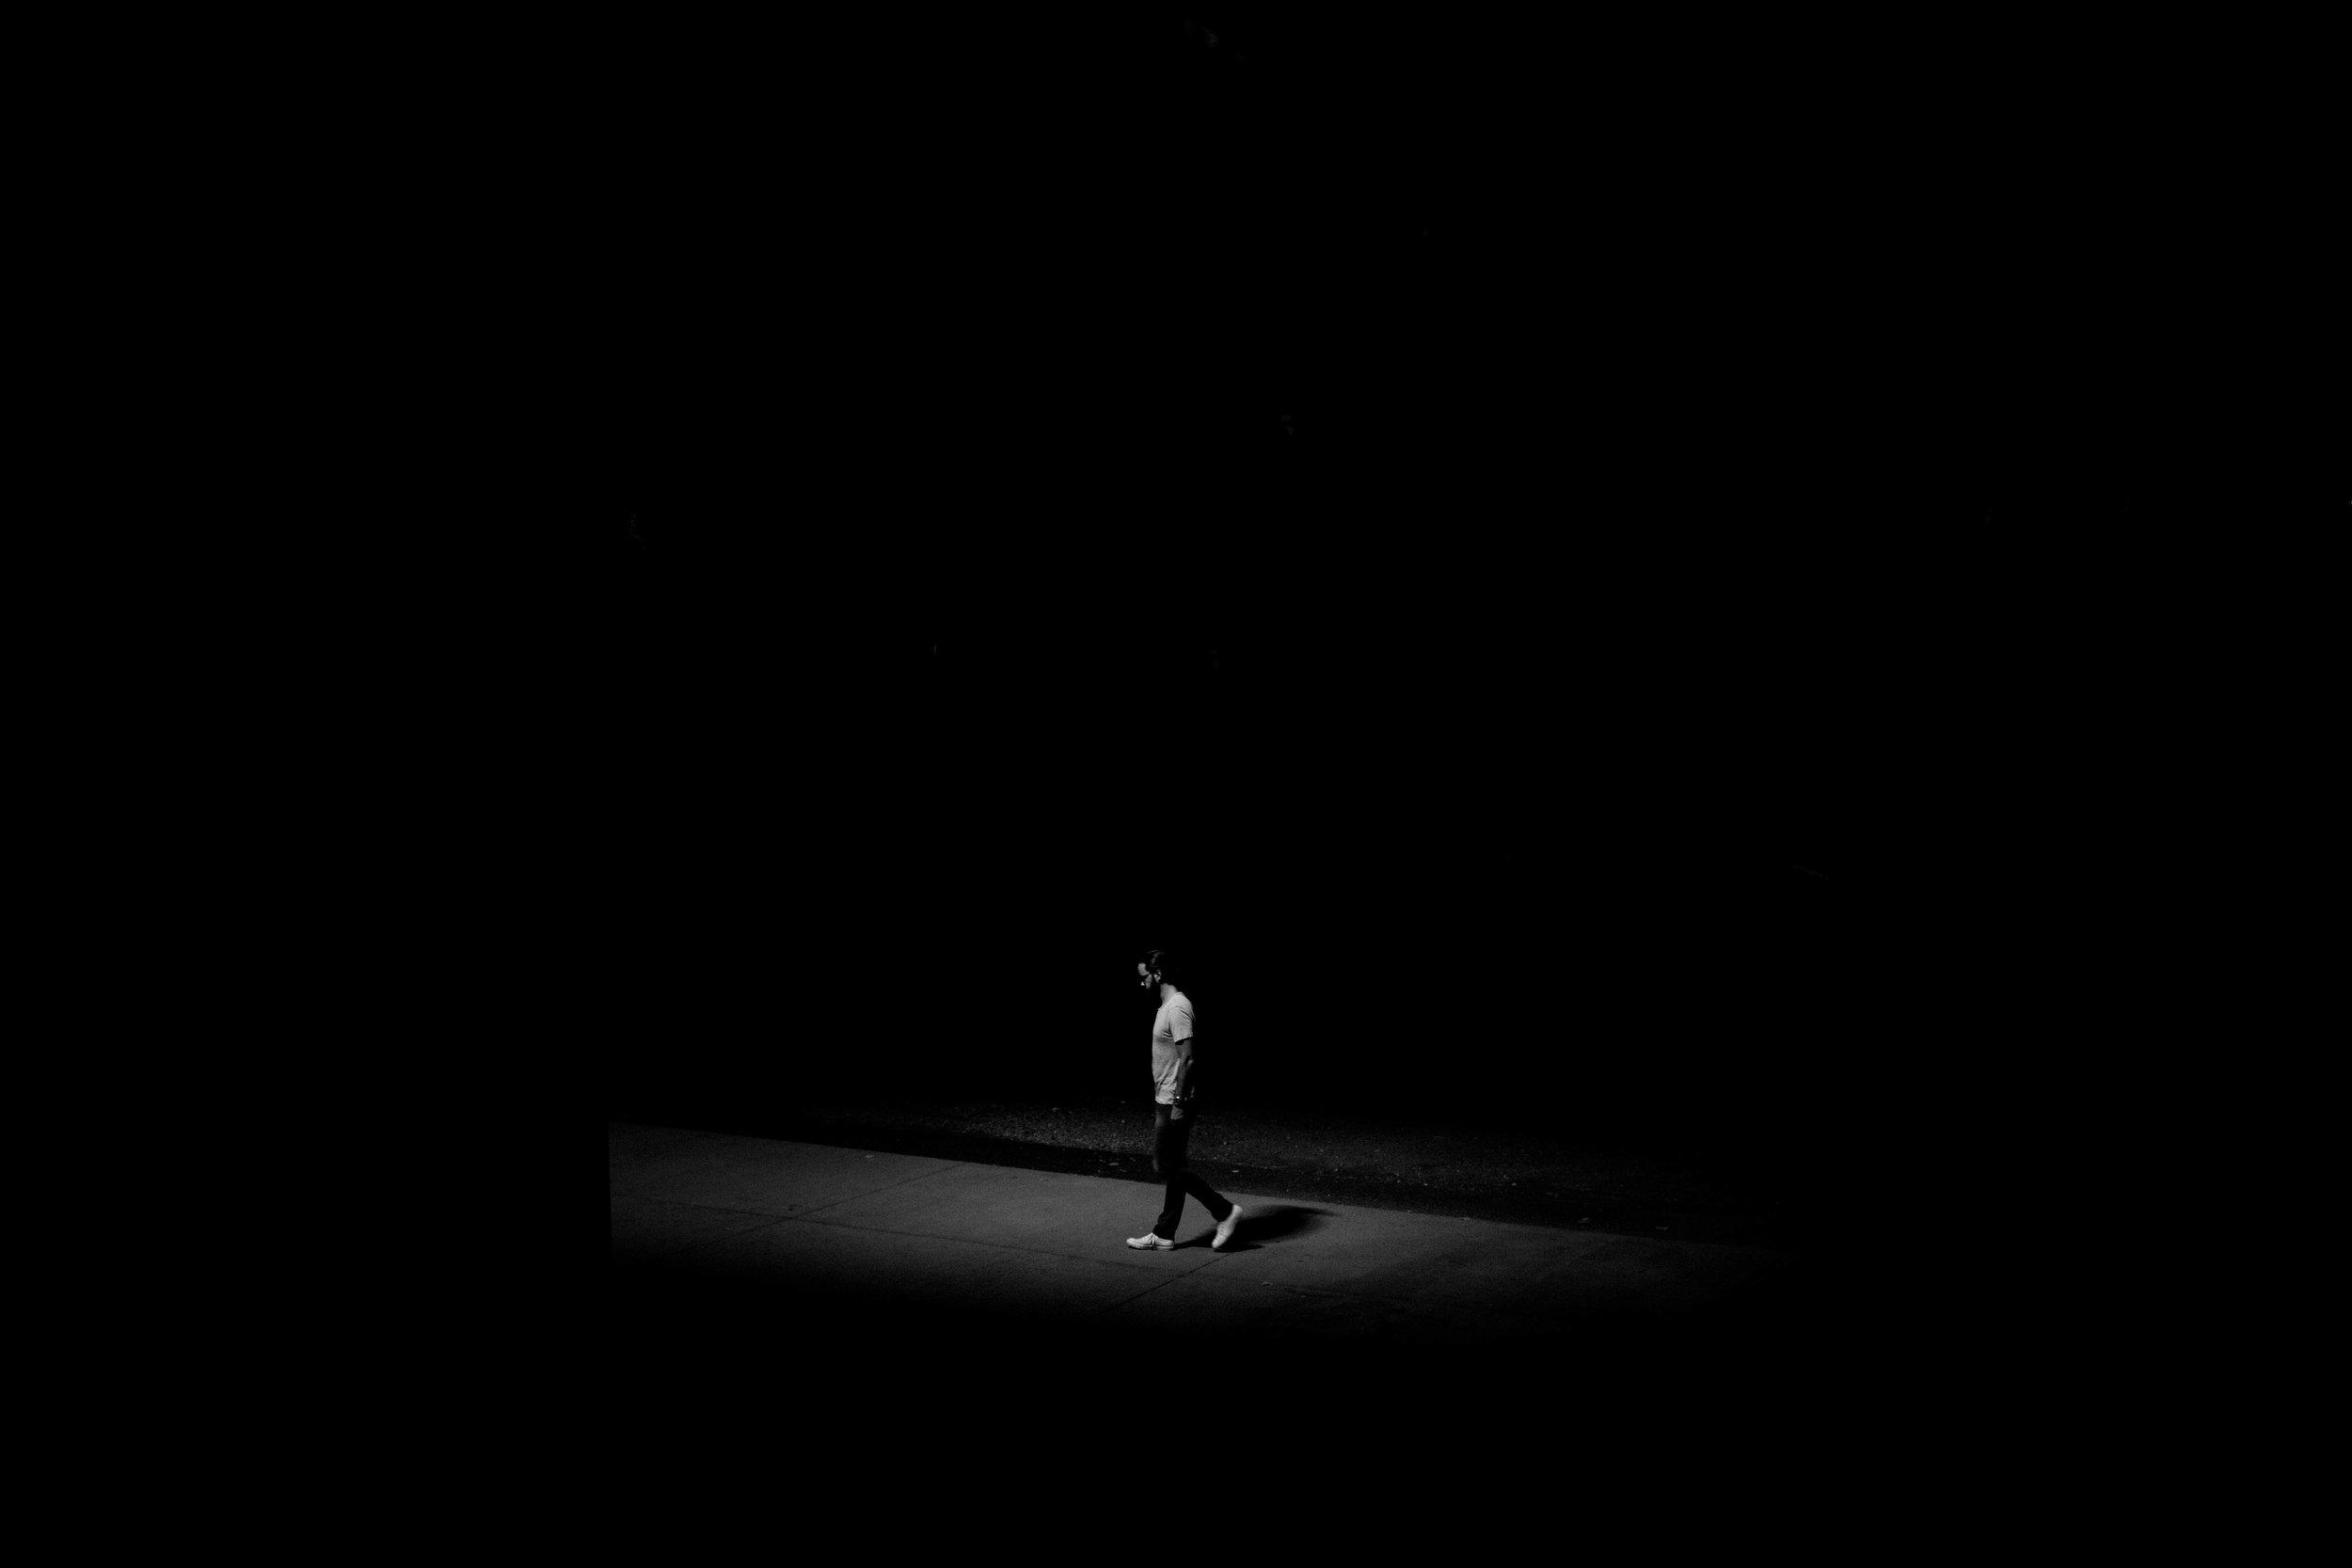 Hình ảnh cô đơn trong đêm đẹp